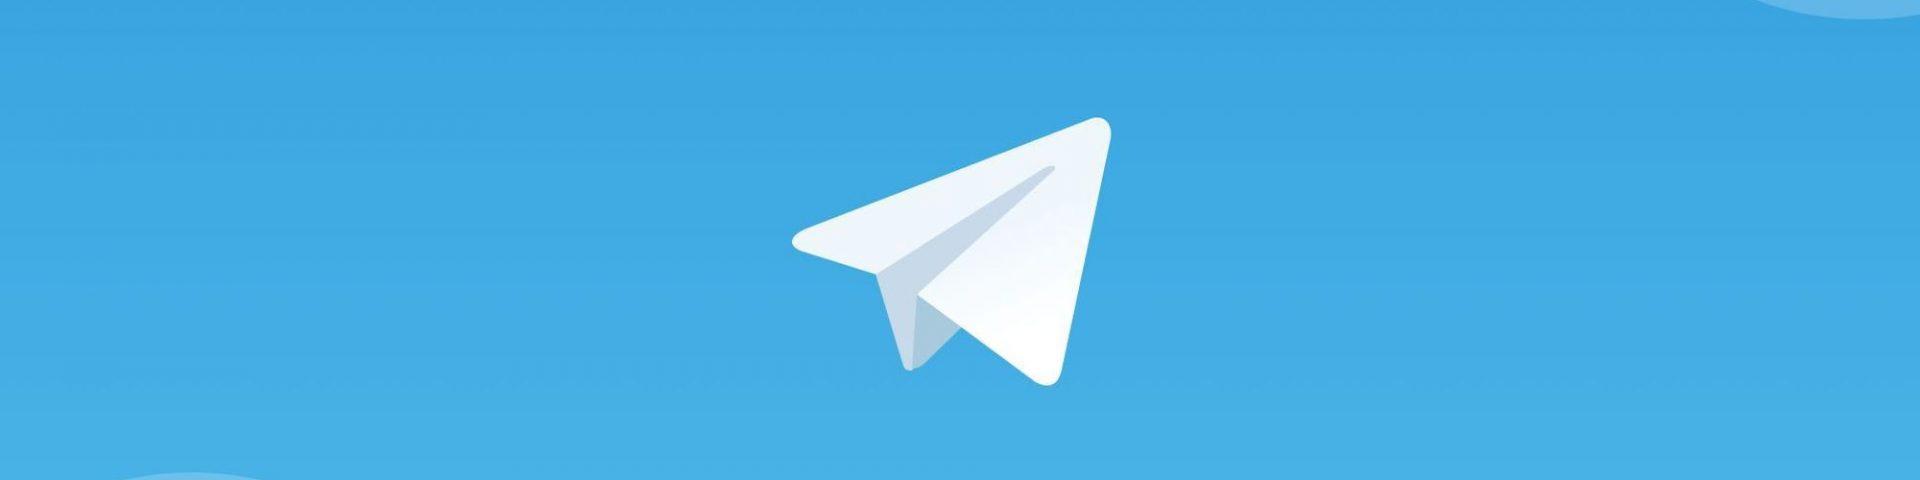 Gruppi shock su Telegram: la denuncia social (e non solo)